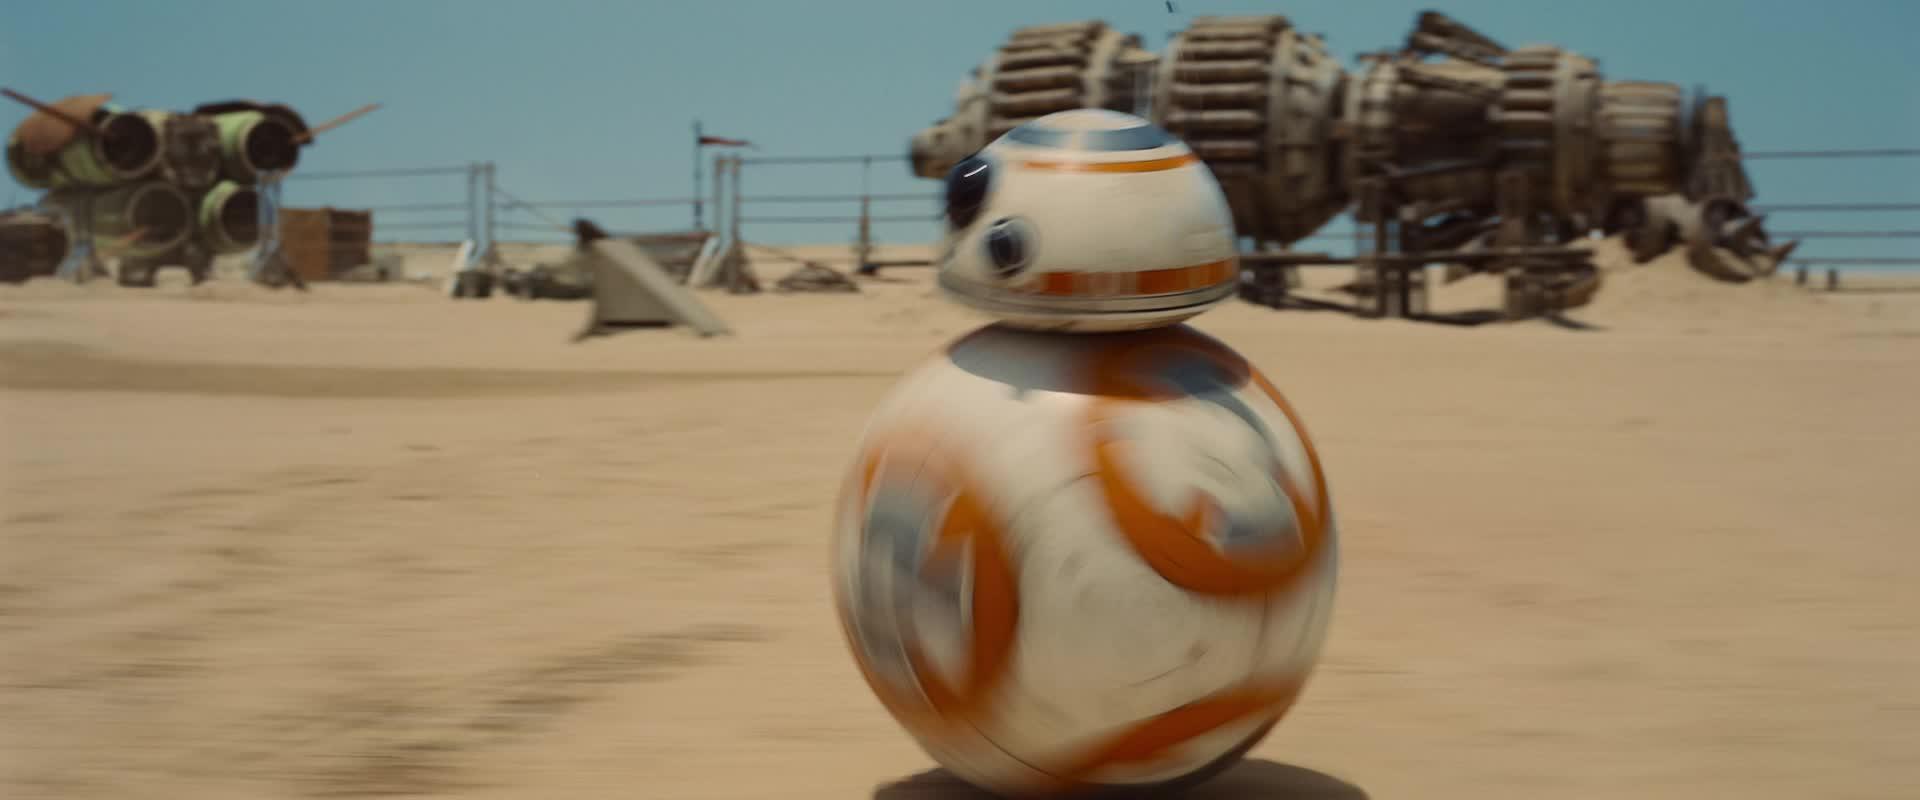 Star Wars: The Force Awakens - Teaser Trailer 1